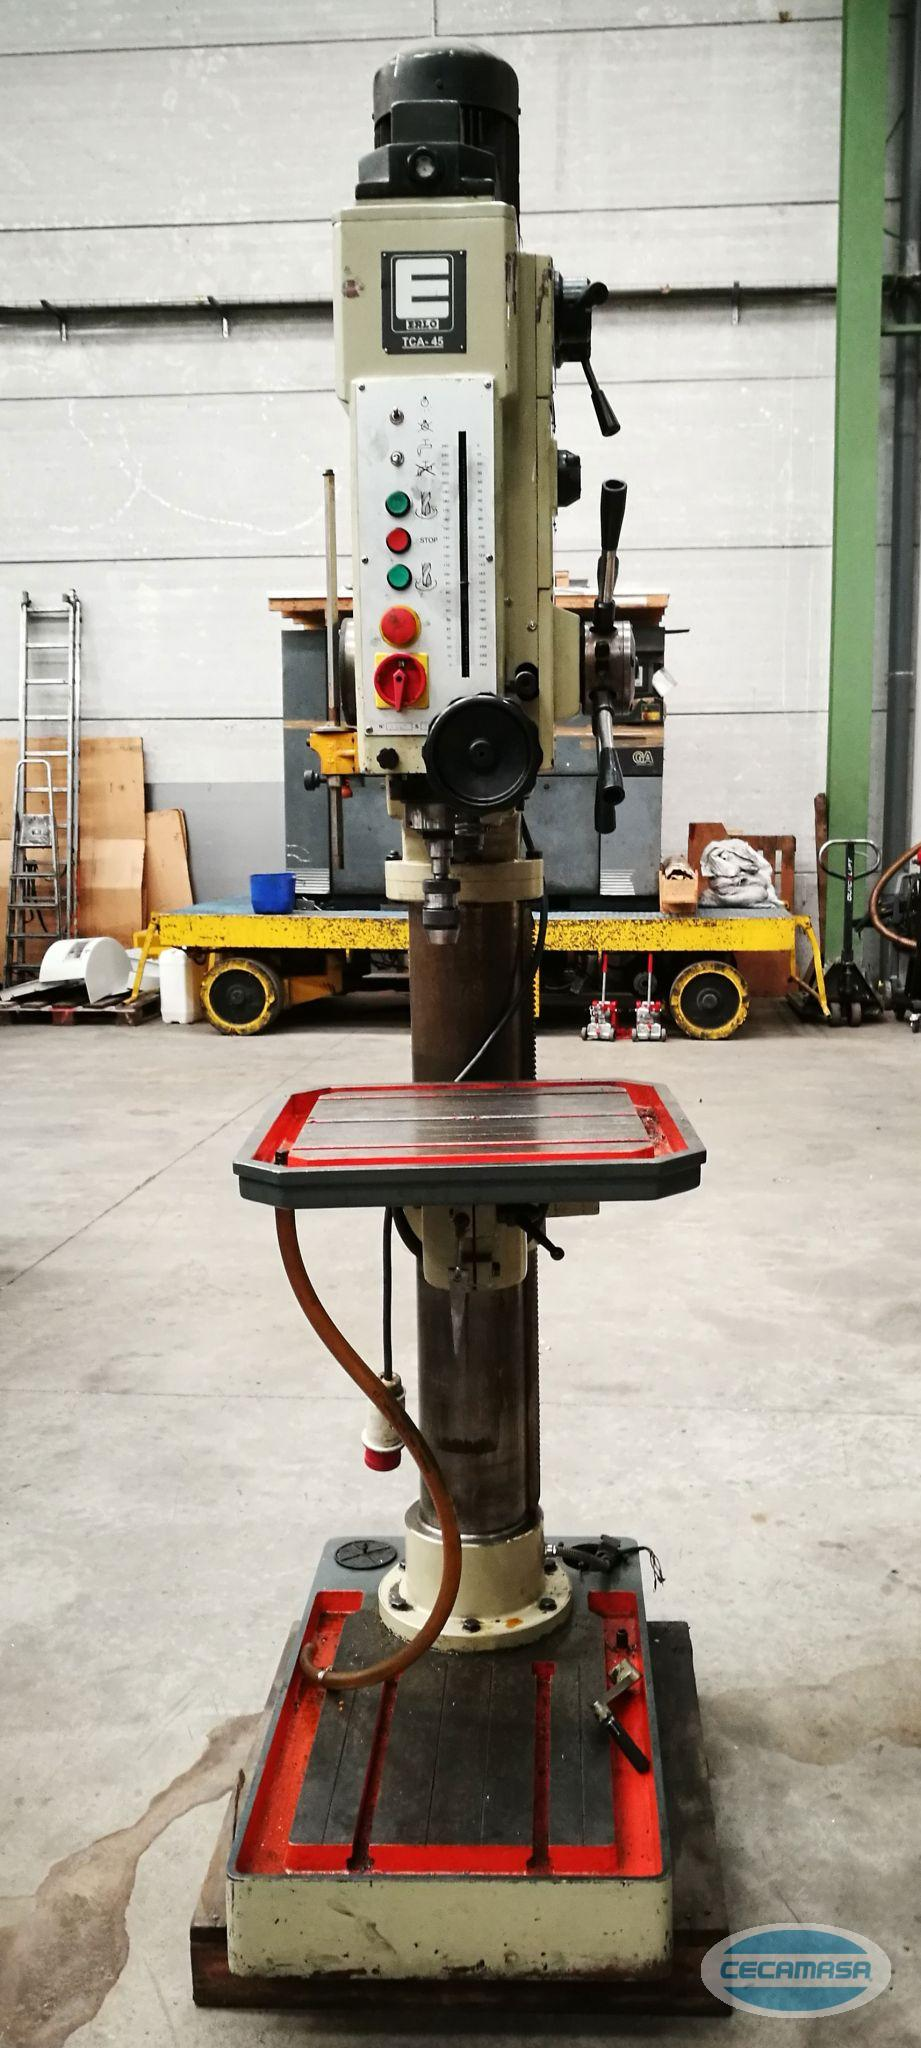 ERLO TCA-45 drilling machine